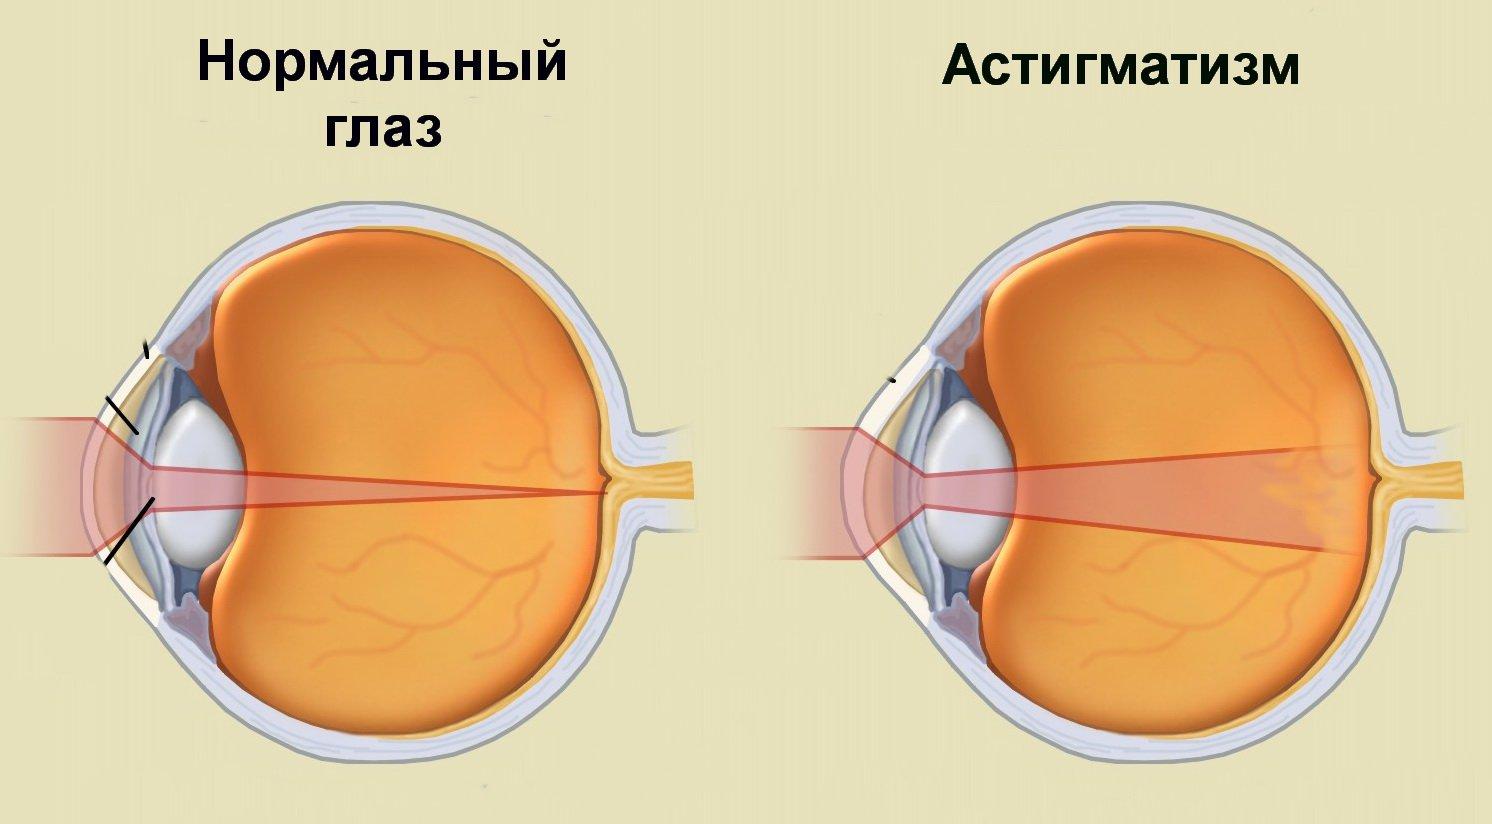 ingyenes szemészi konzultáció strabismusról